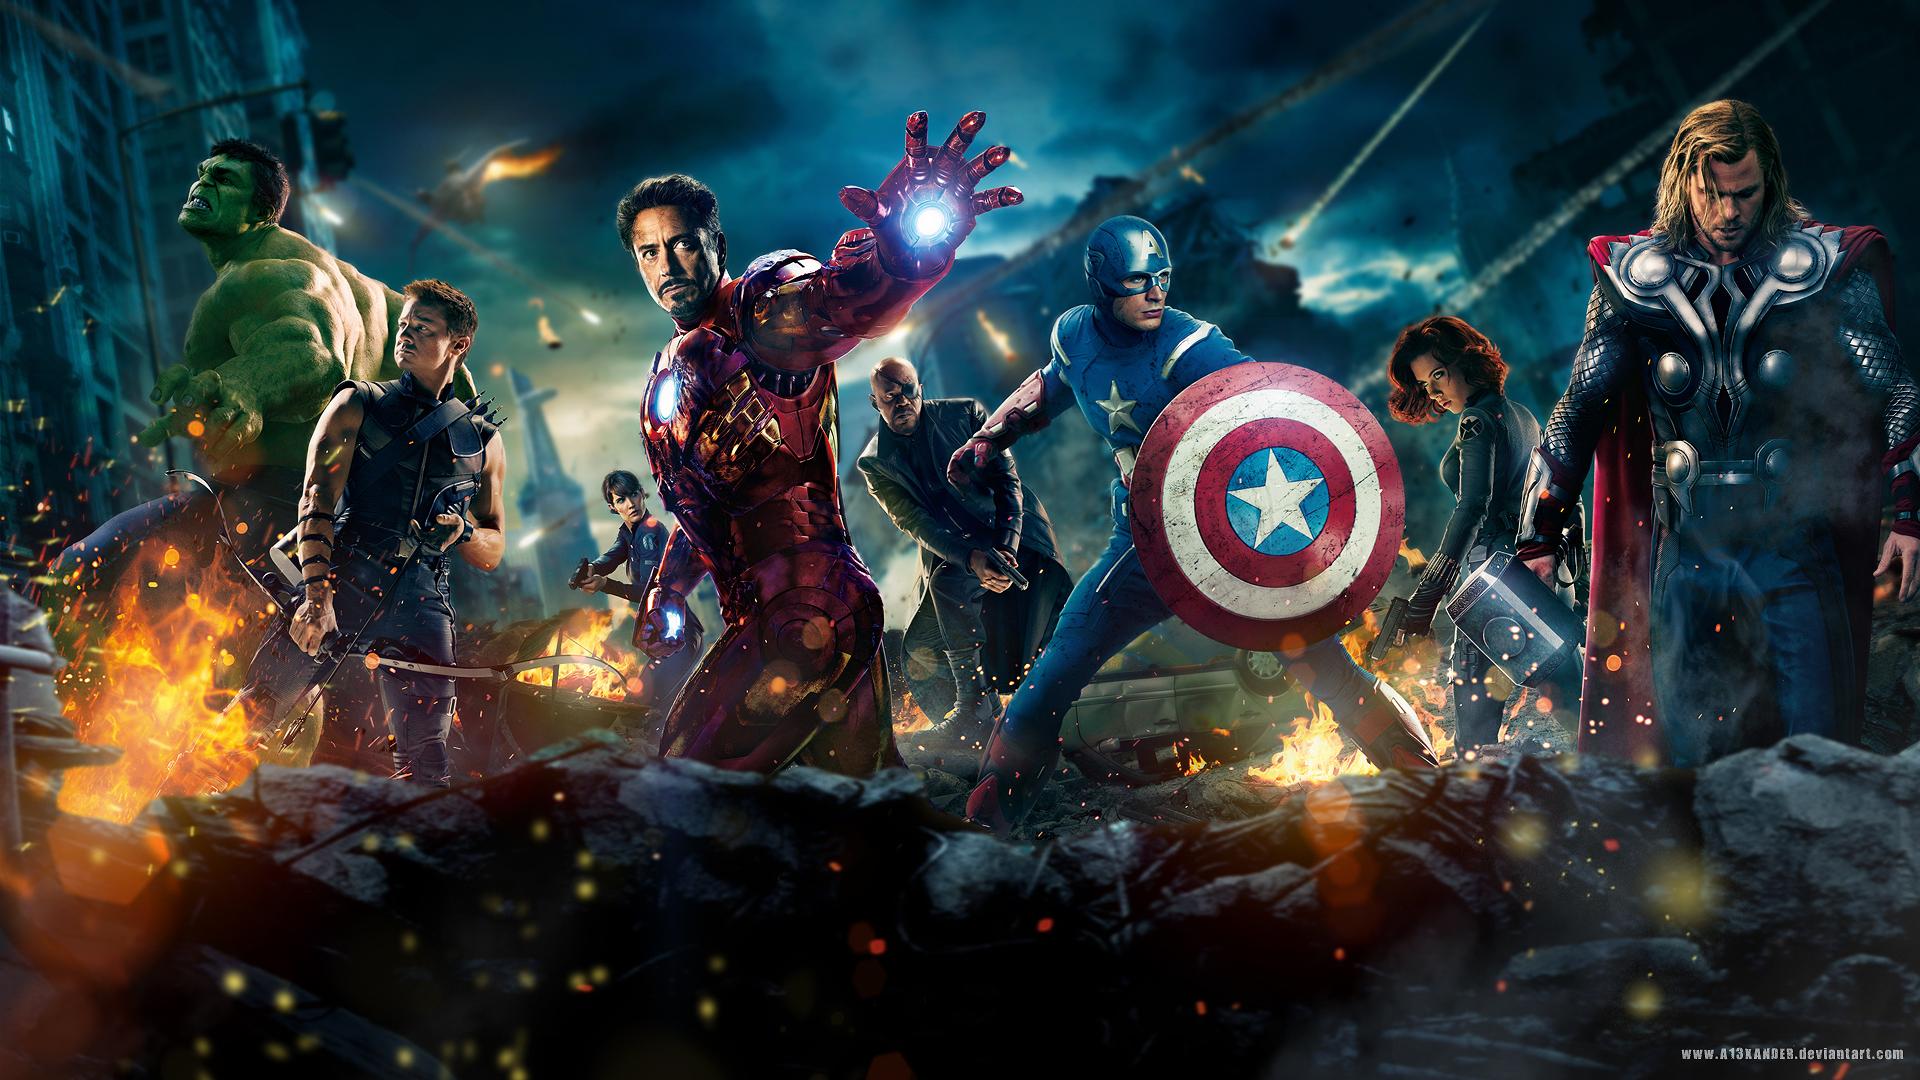 The Avengers Movie 2012 wallpaper